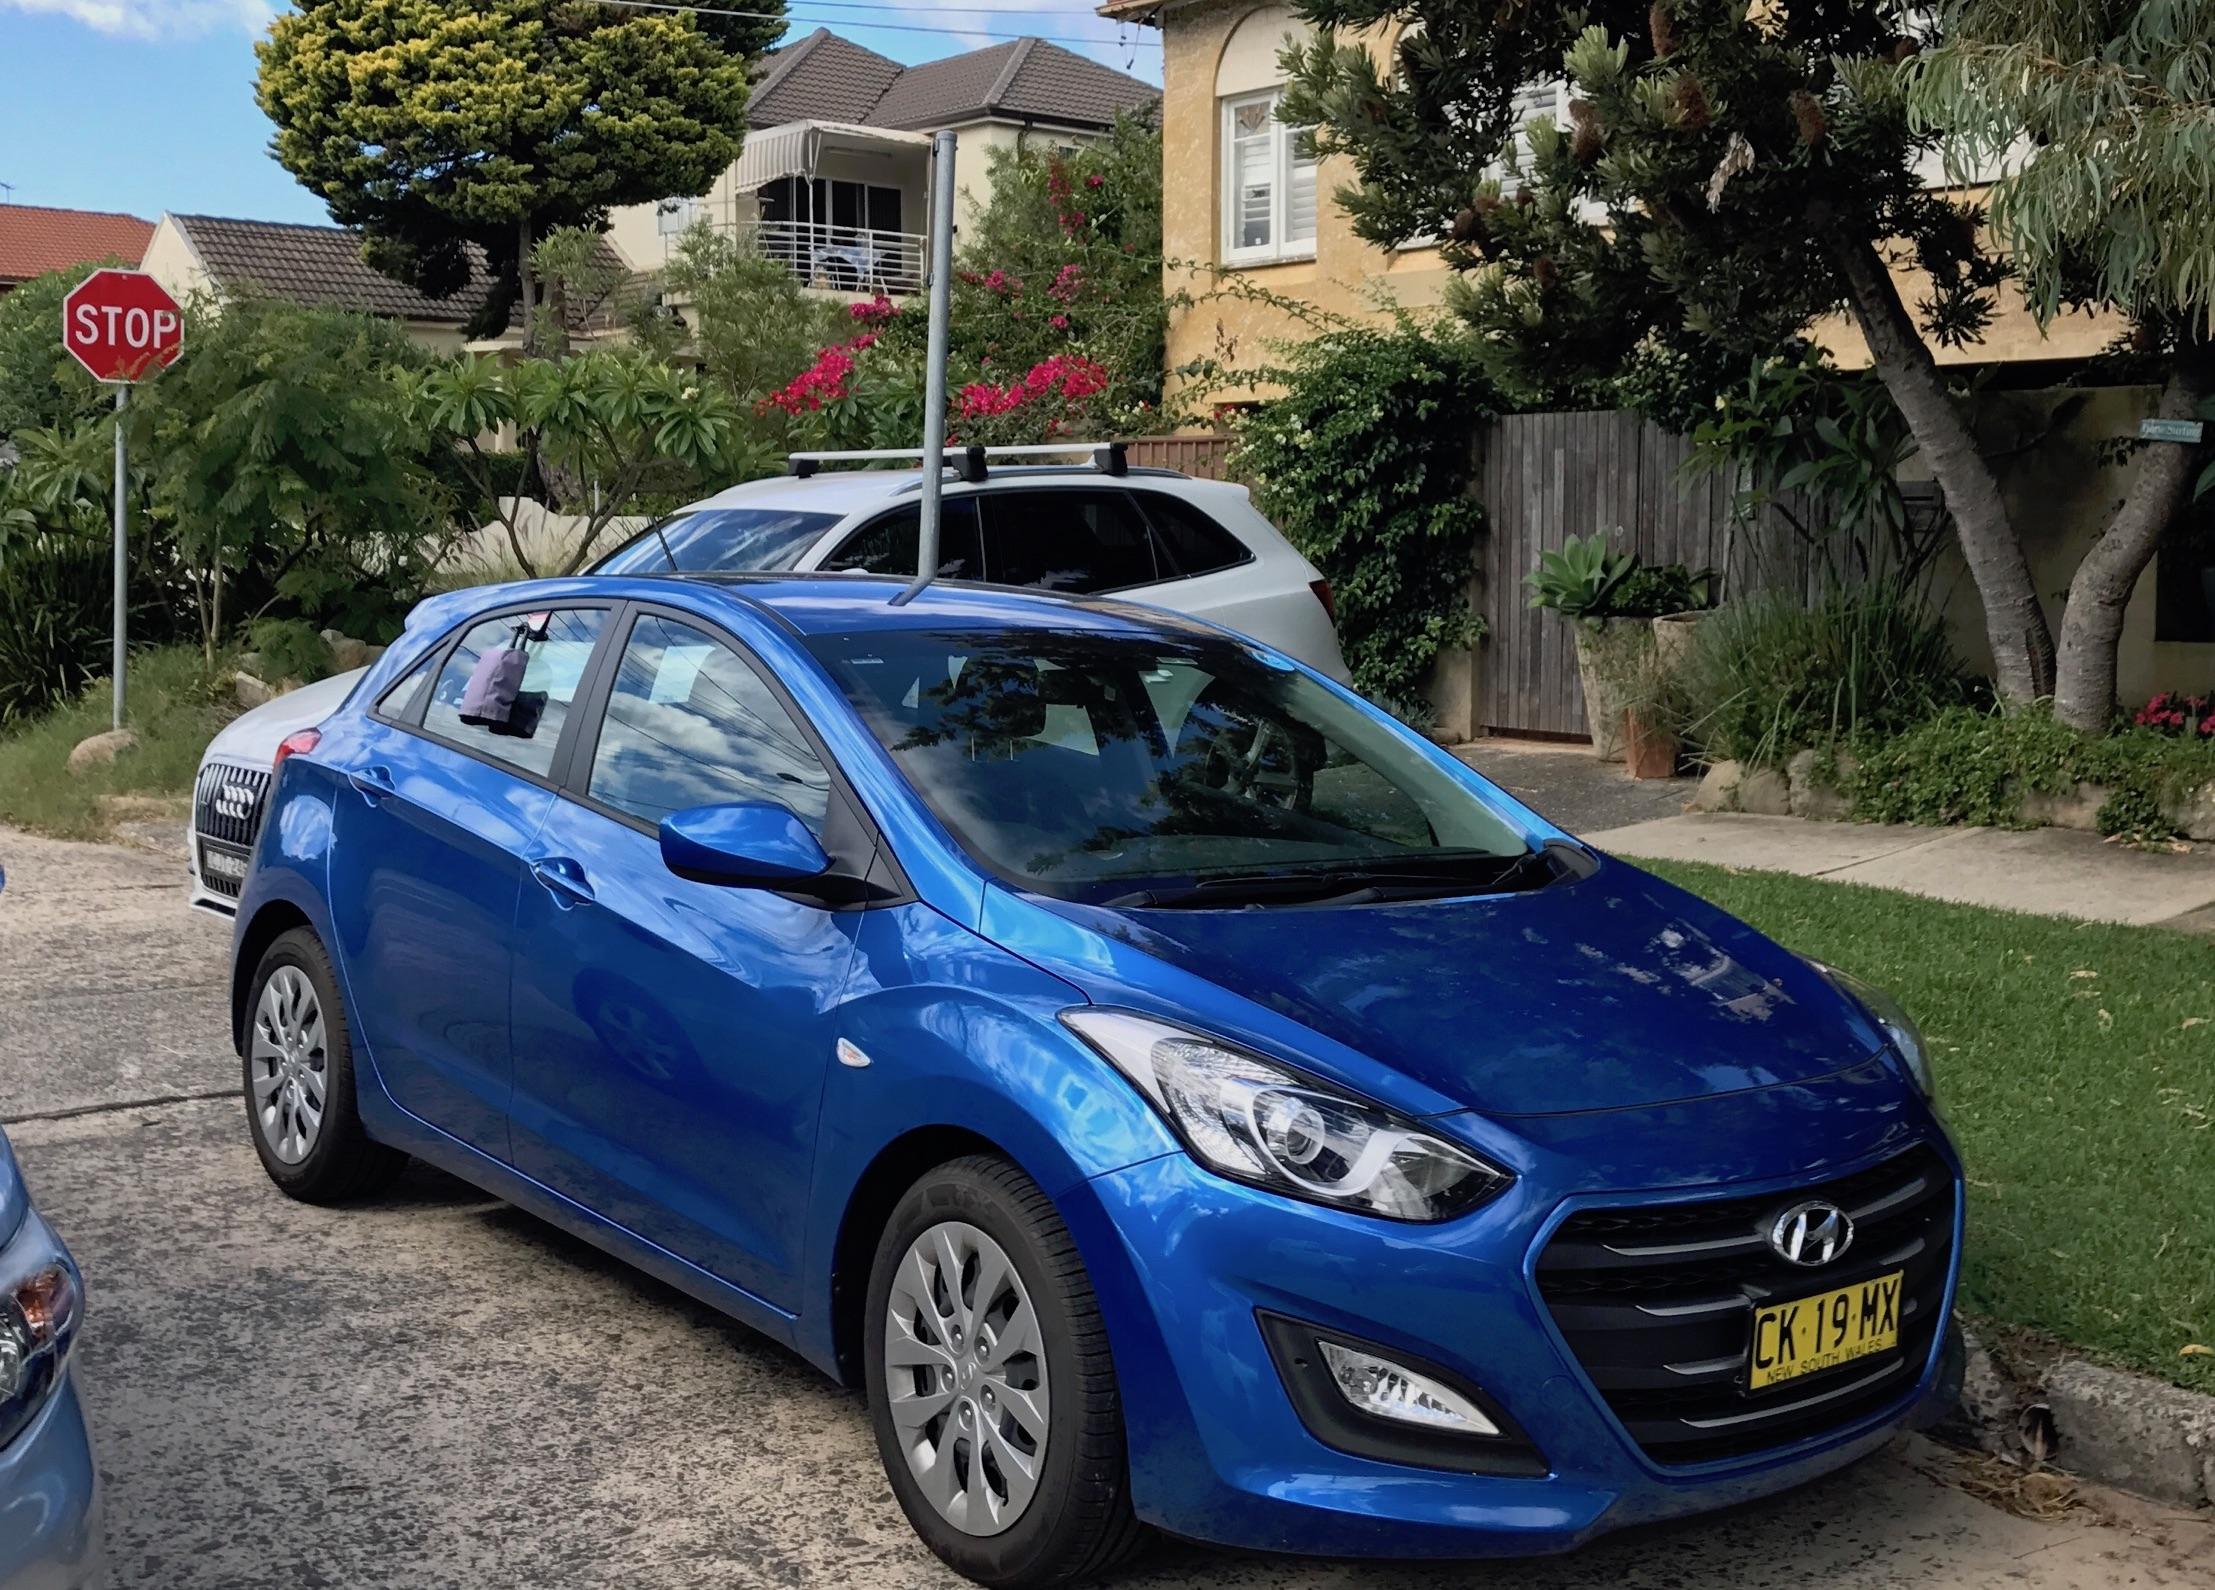 Picture of CarNextDoor's 2016 Sedan/Hatch